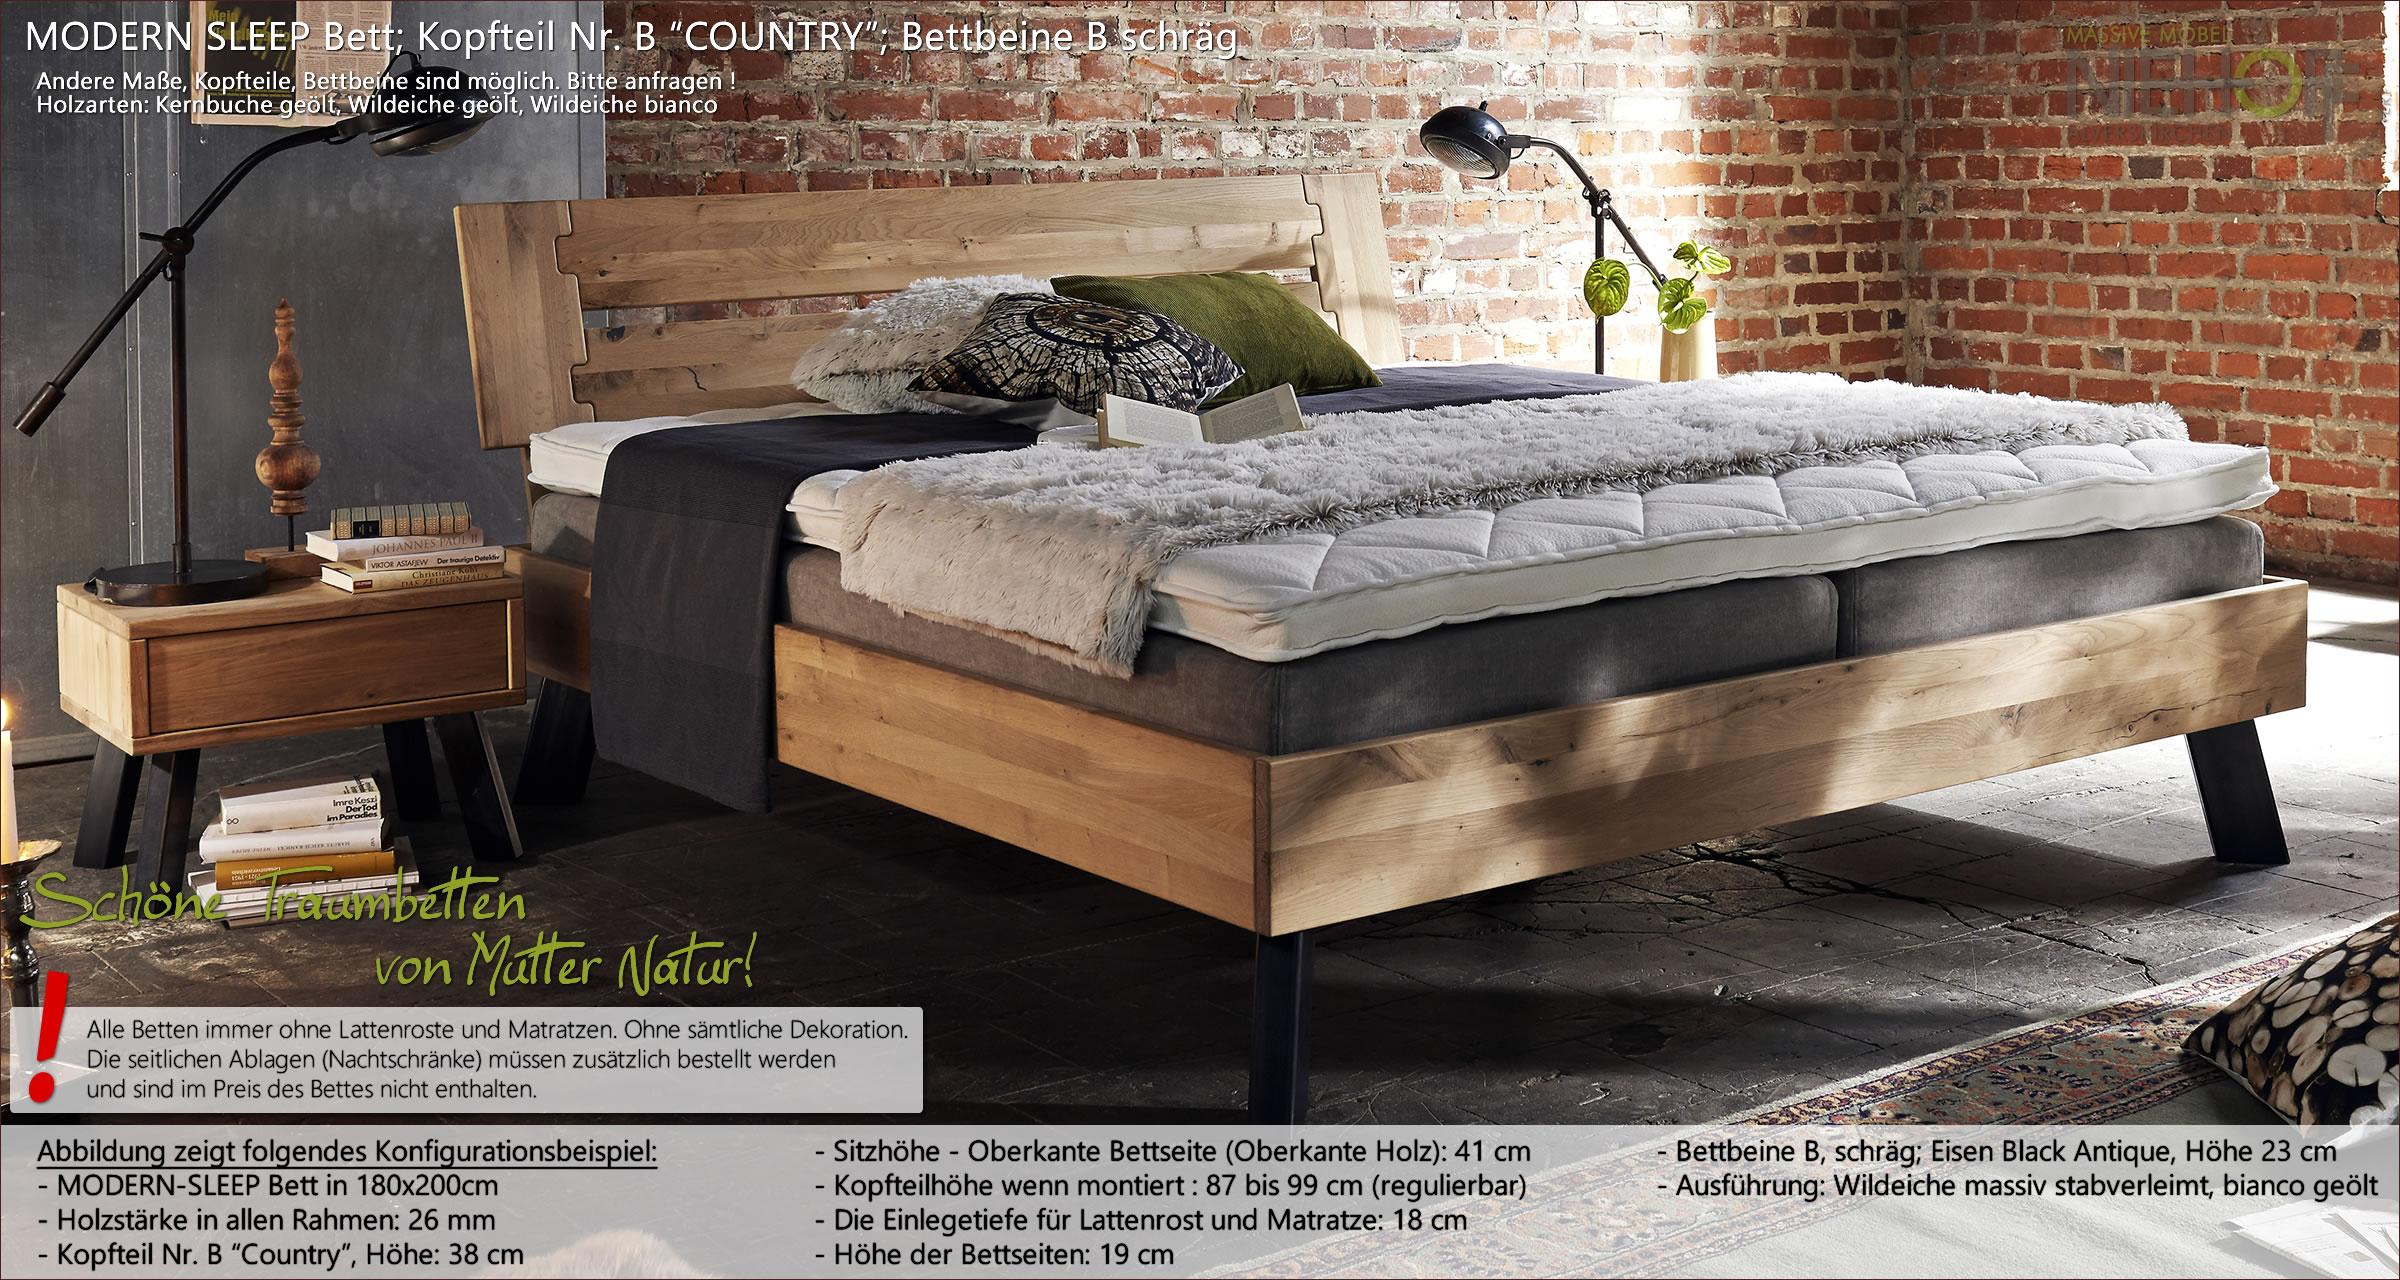 Full Size of Betten Holz Massivholz Modern Sleep Von Dnischem Hersteller Tjrnbo Im Sichtschutz Garten Unterschrank Bad Trends Ikea 160x200 Modulküche Mädchen Landhausstil Bett Betten Holz